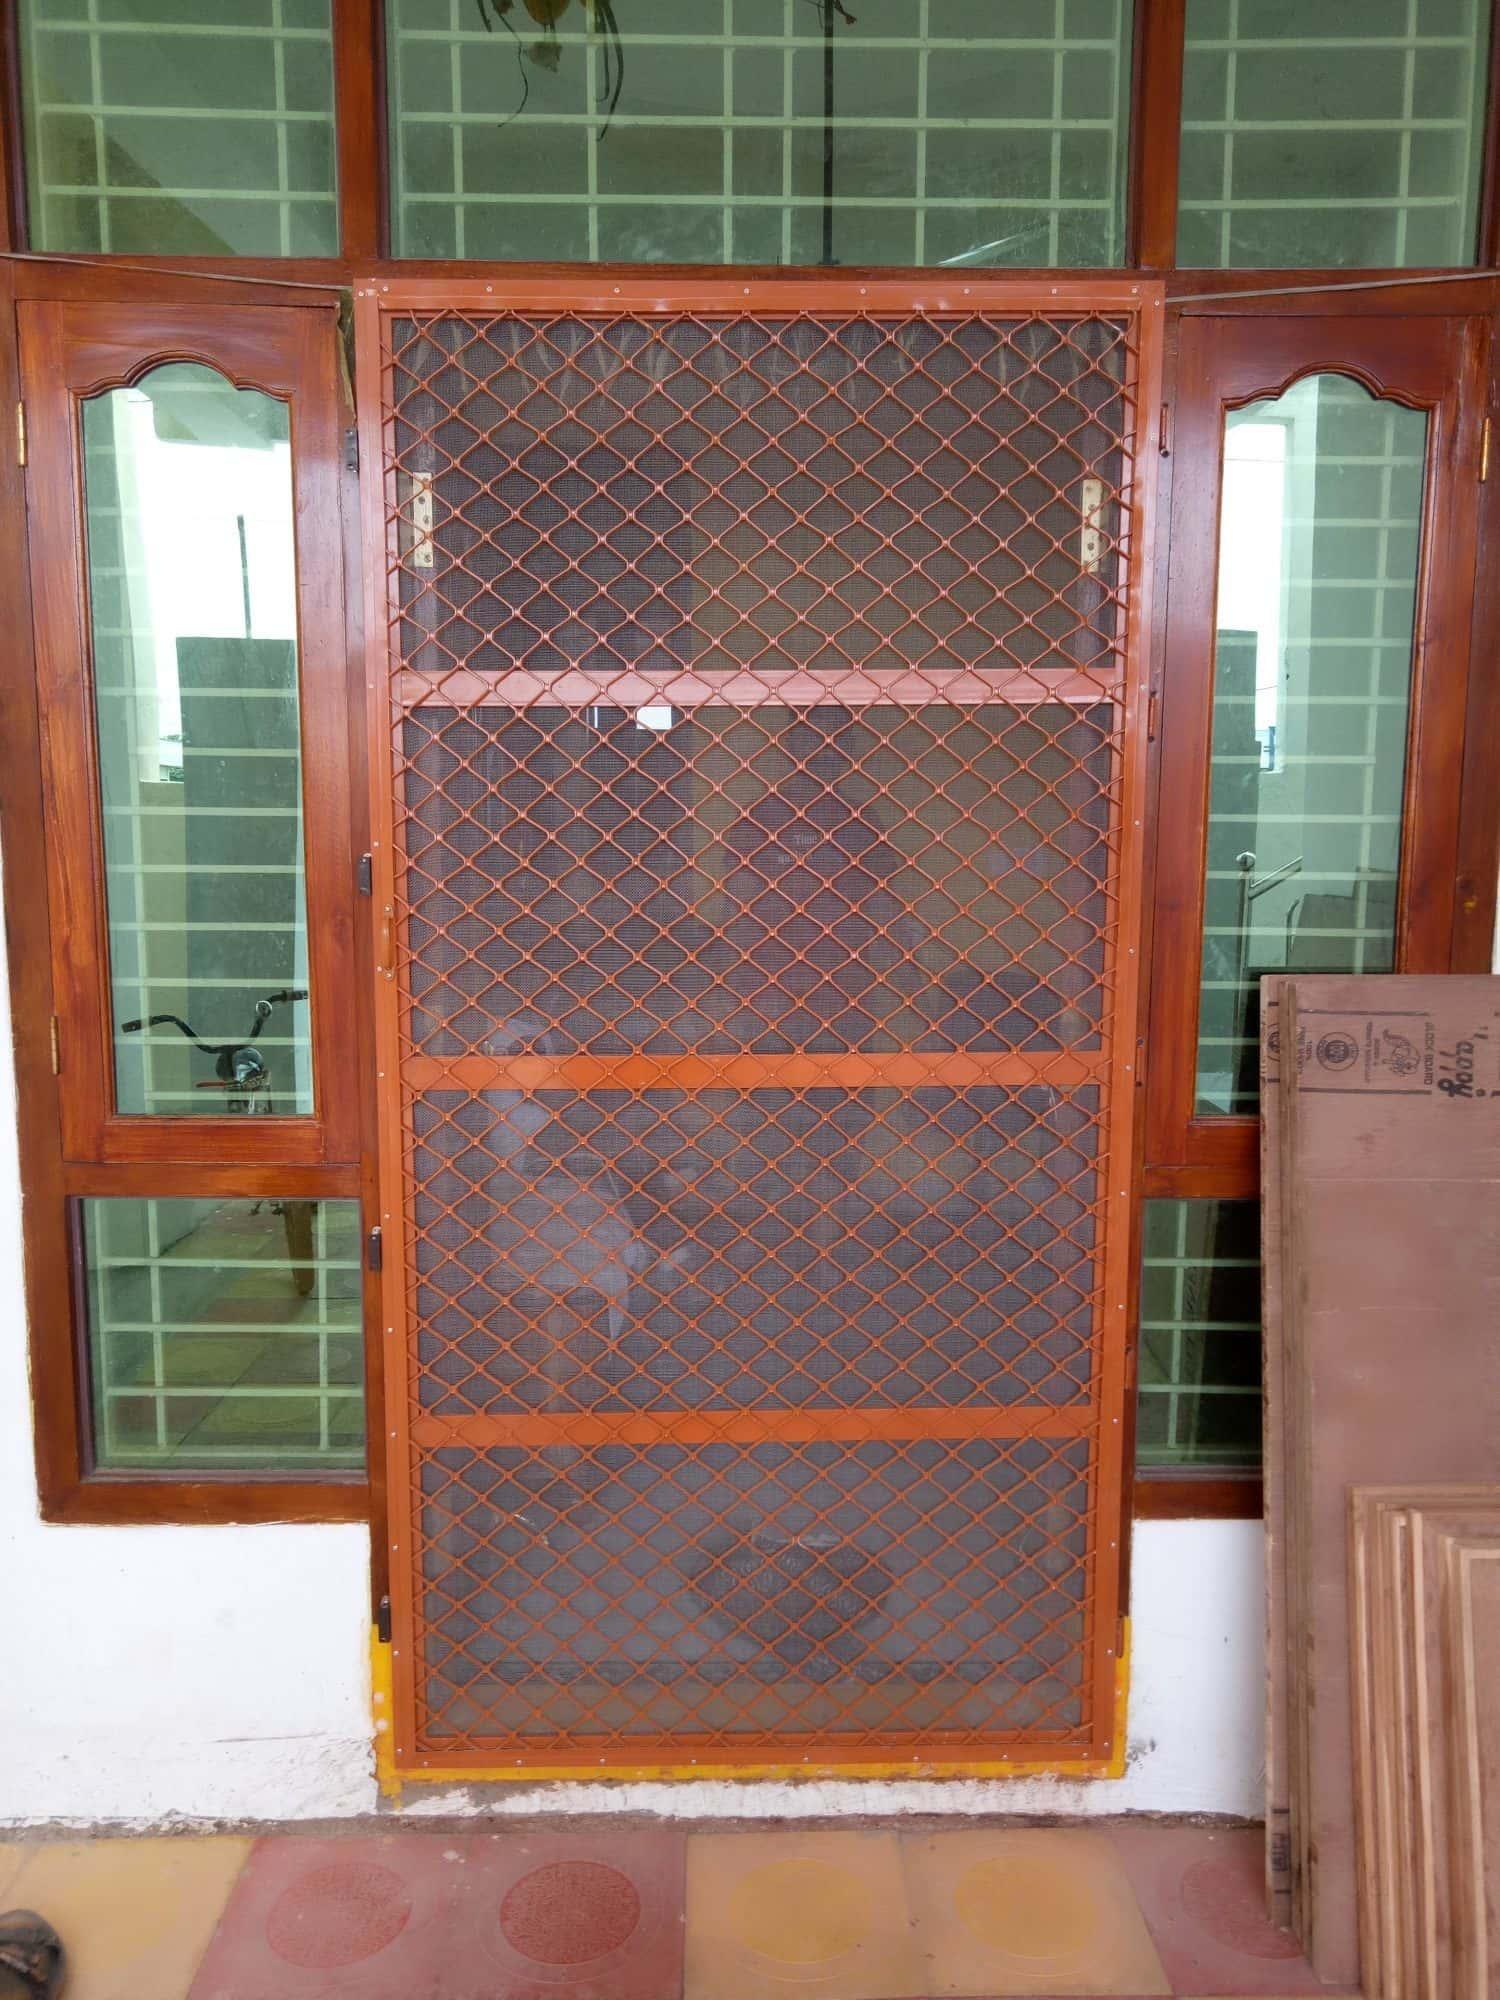 Door Works - Siri Aluminium Mosquito Mesh Doors Photos Hanamkonda Warangal - Aluminium Fabricators ... & Siri Aluminium Mosquito Mesh Doors Photos Hanamkonda Warangal ...